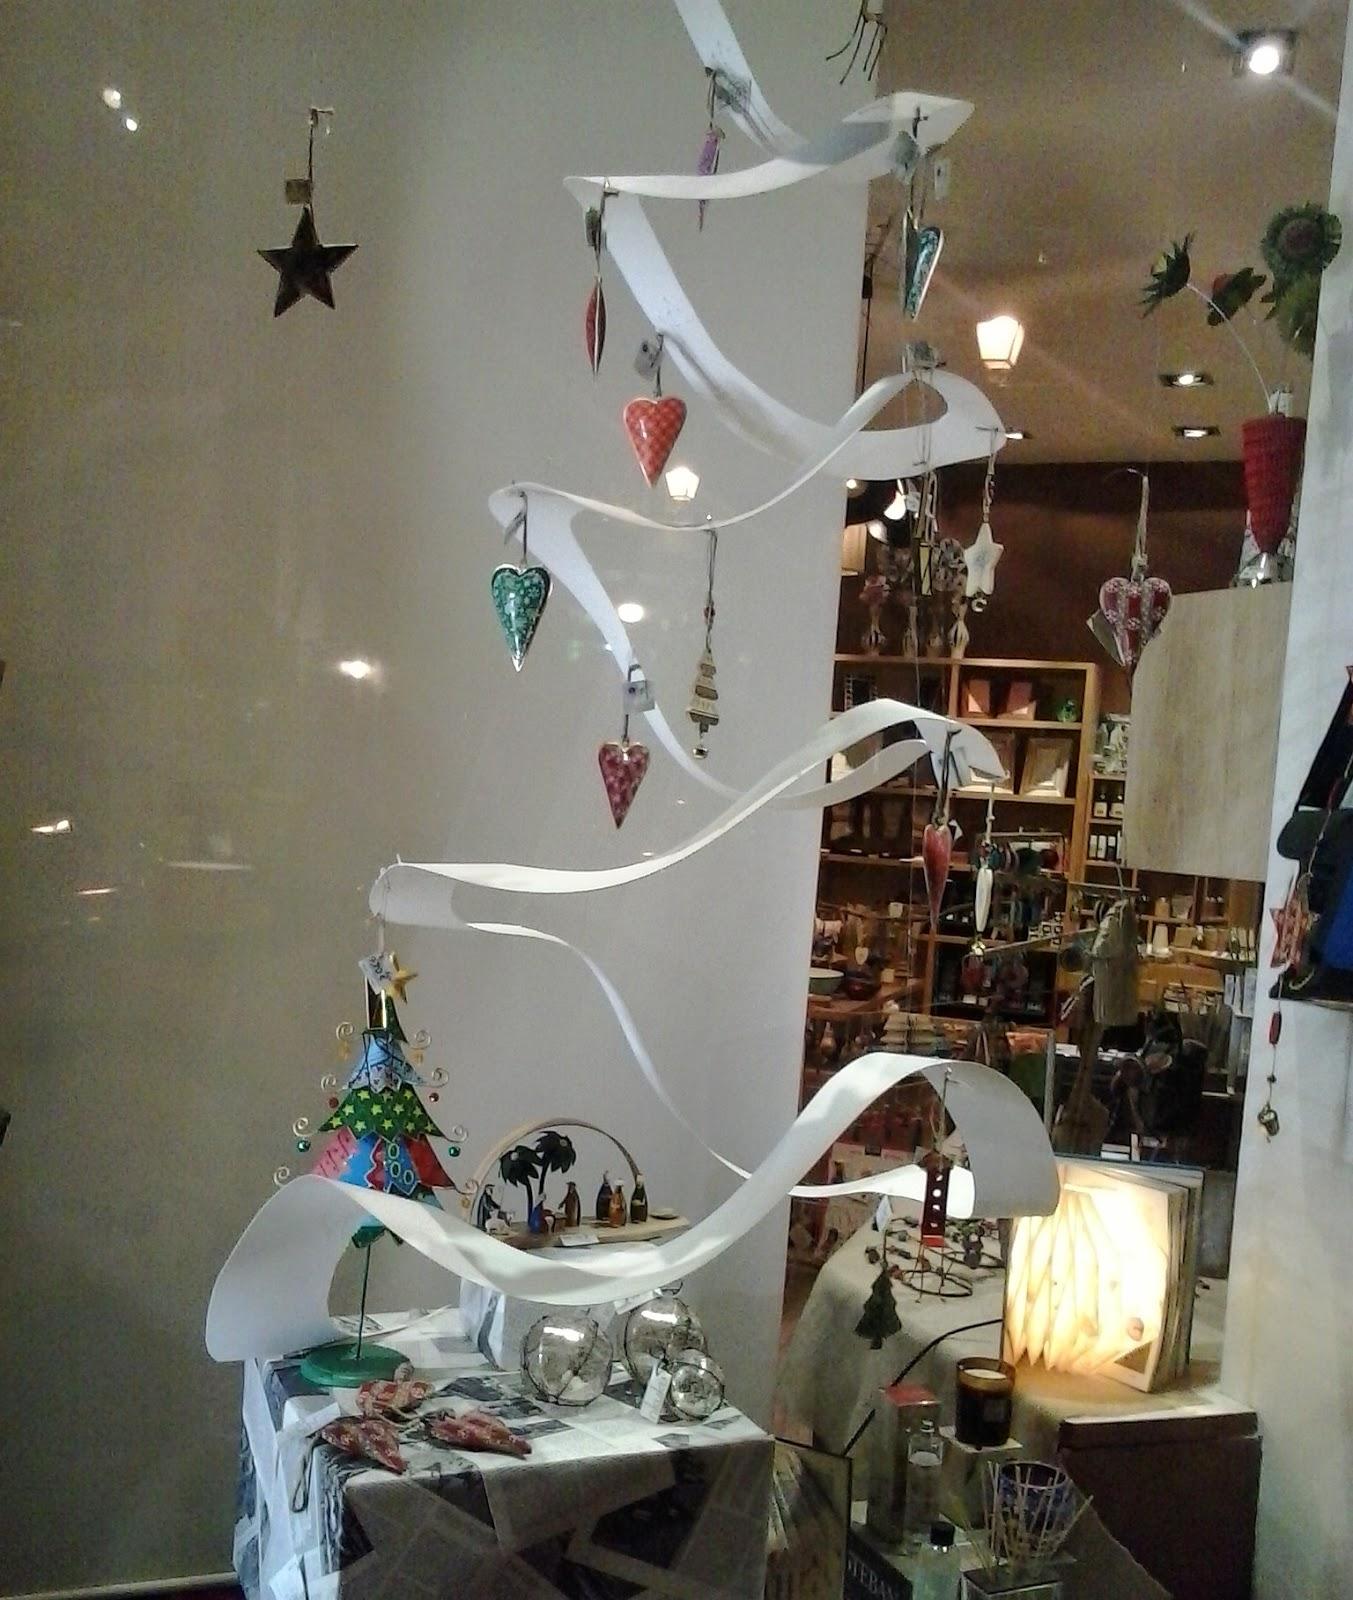 El mundo del reciclaje adornos navide os hechos de material reciclado - Decoracion navidena oficinas ...